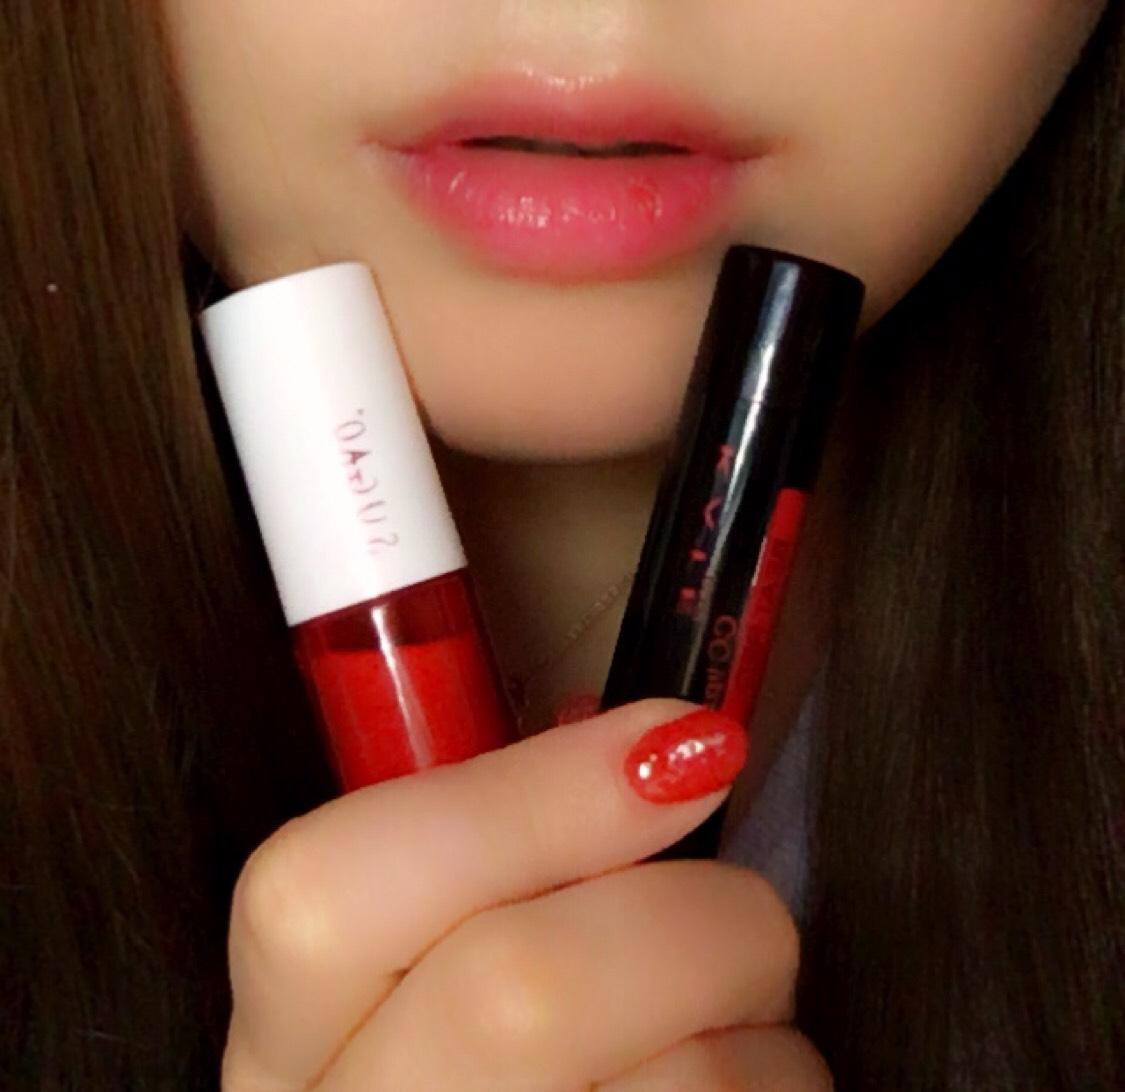 このメイクはリップ主役です(*ˊˋ*) SUGAOのジュレ感リップティントを2度塗りして唇をしっとりさせます。 その次にKATEのCCリップで潤いをカバー。程よい艶感になるので普段使いでも馴染みます。